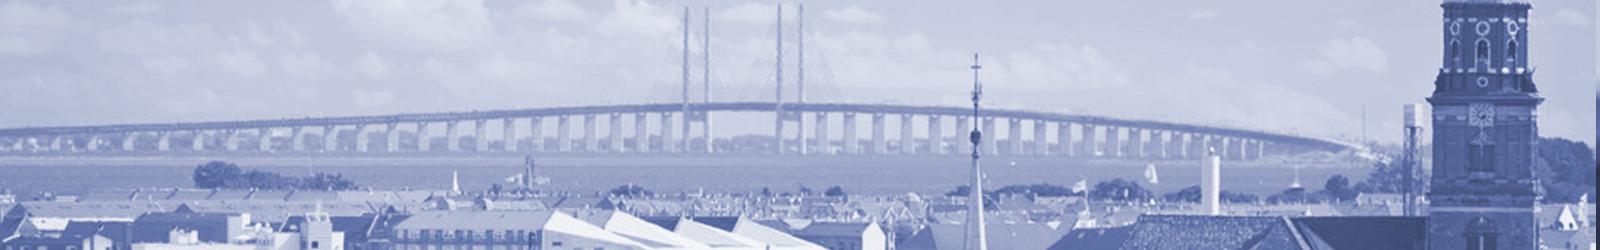 noles-bridge